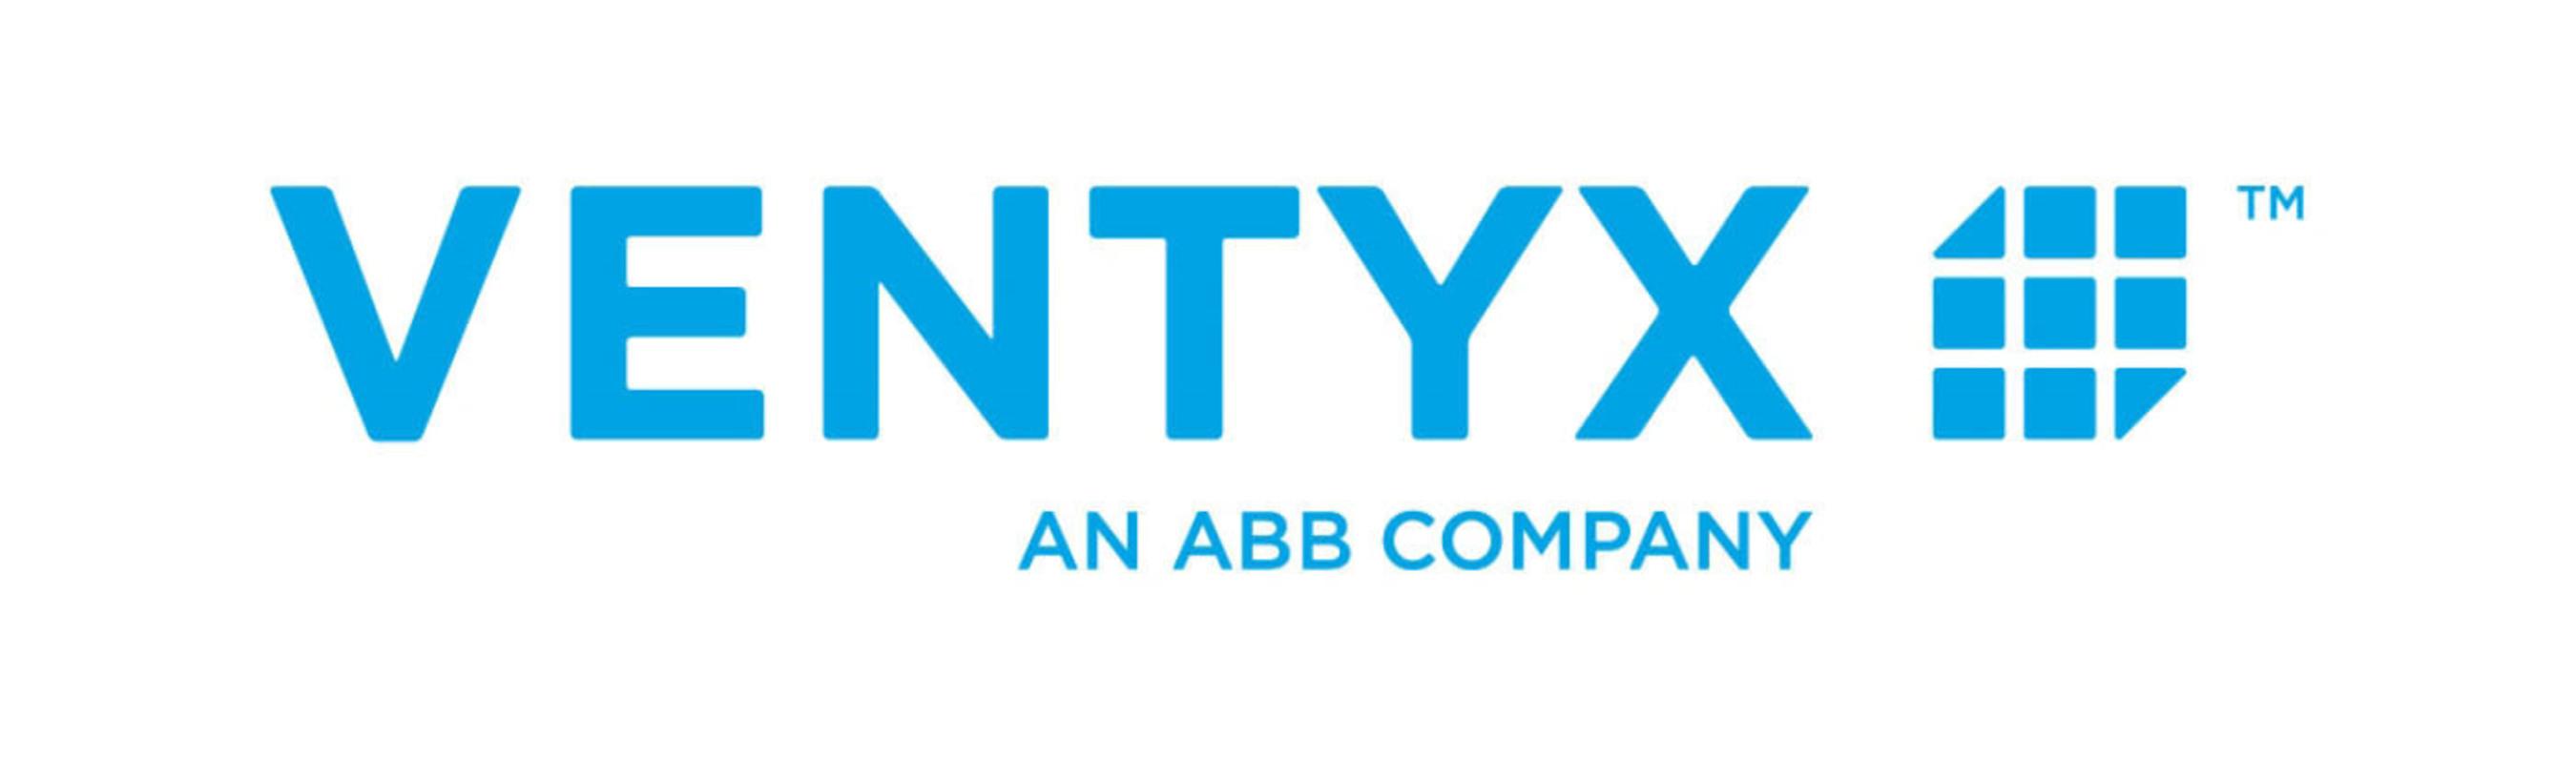 Ventyx logo.